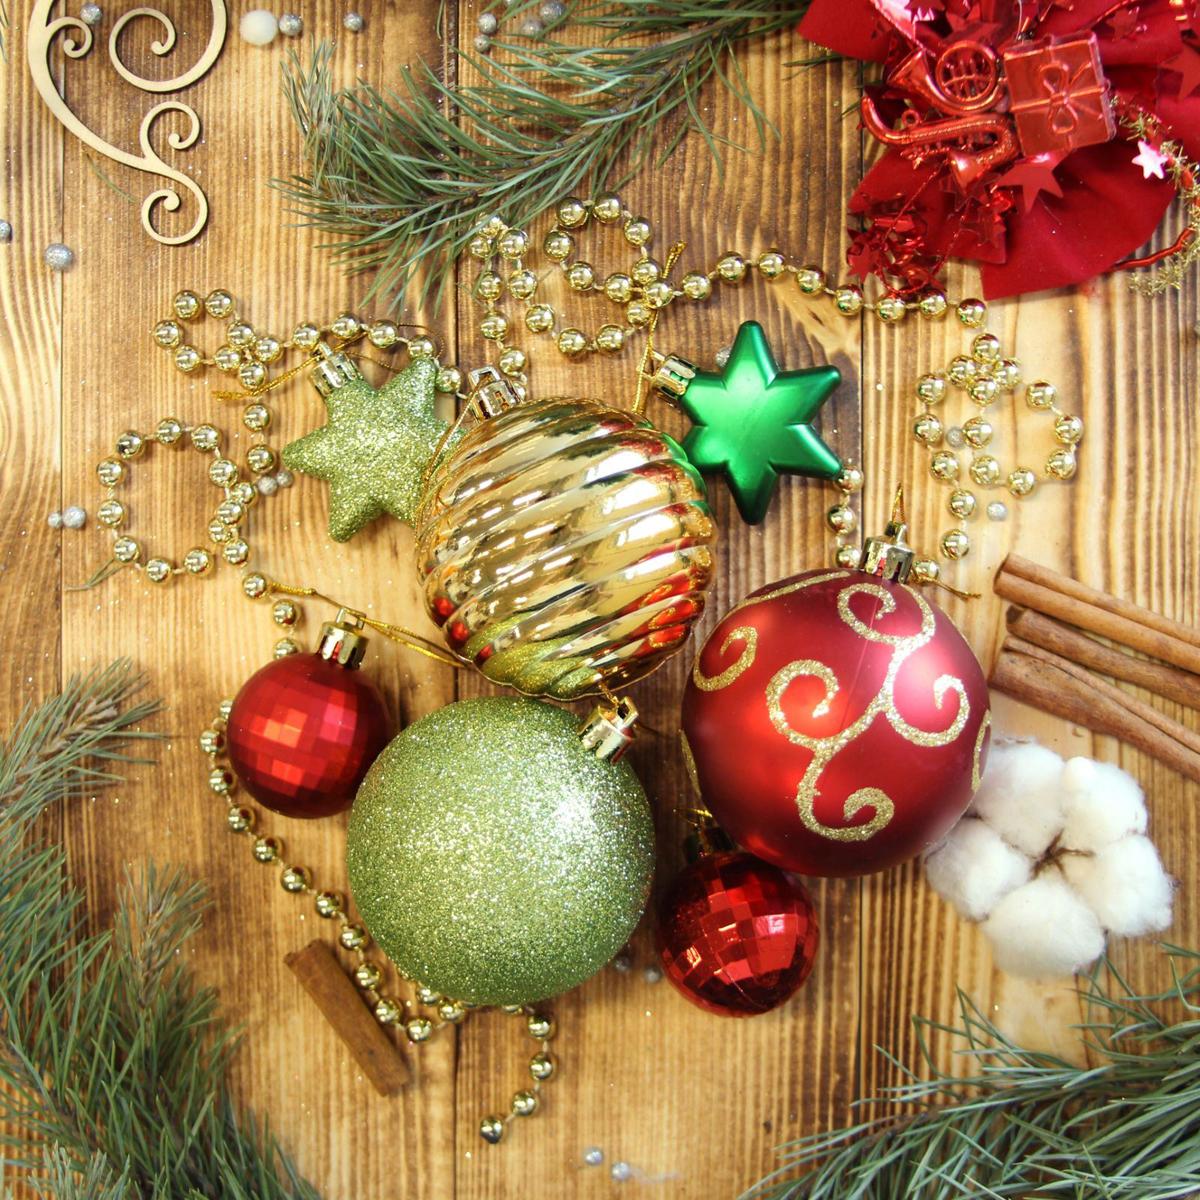 Набор новогодних подвесных украшений Sima-land Ассорти, 42 шт. 21230442123044Невозможно представить нашу жизнь без праздников! Мы всегда ждём их и предвкушаем, обдумываем, как проведём памятный день, тщательно выбираем подарки и аксессуары, ведь именно они создают и поддерживают торжественный настрой.